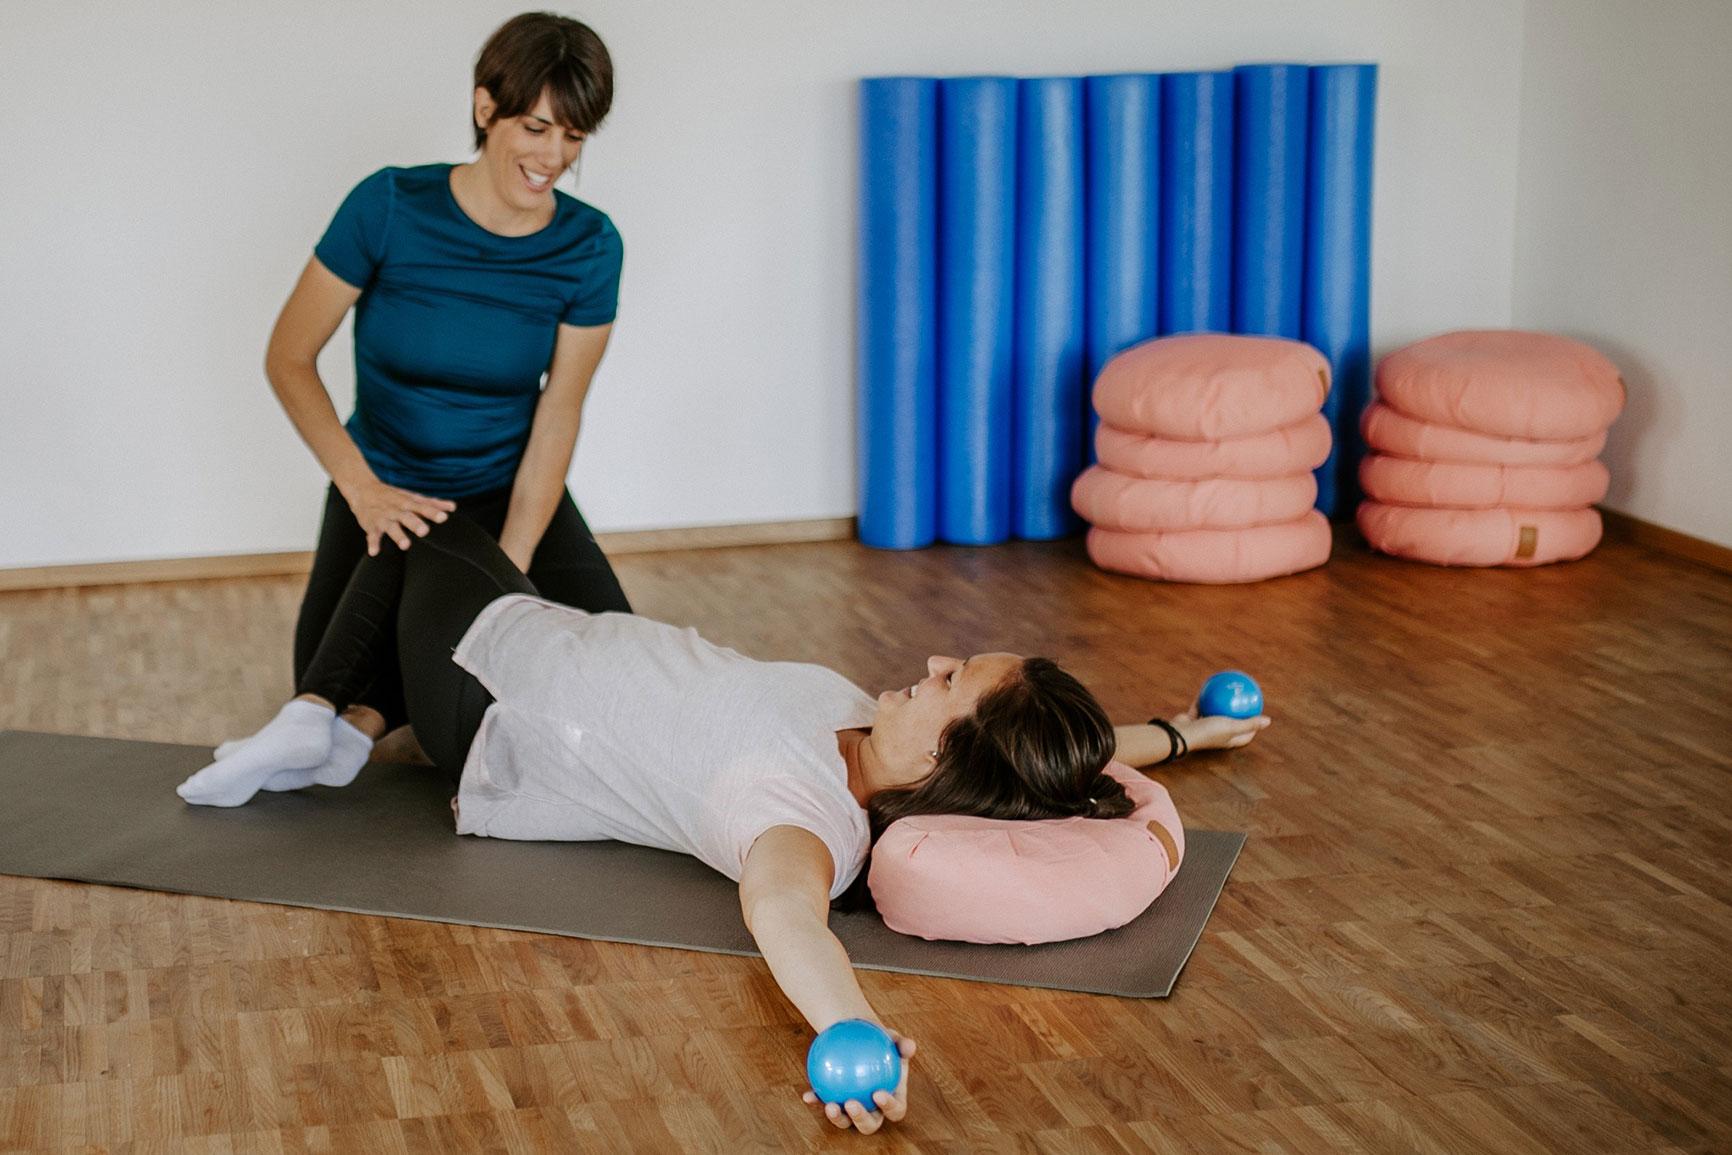 Personal Training & Coaching